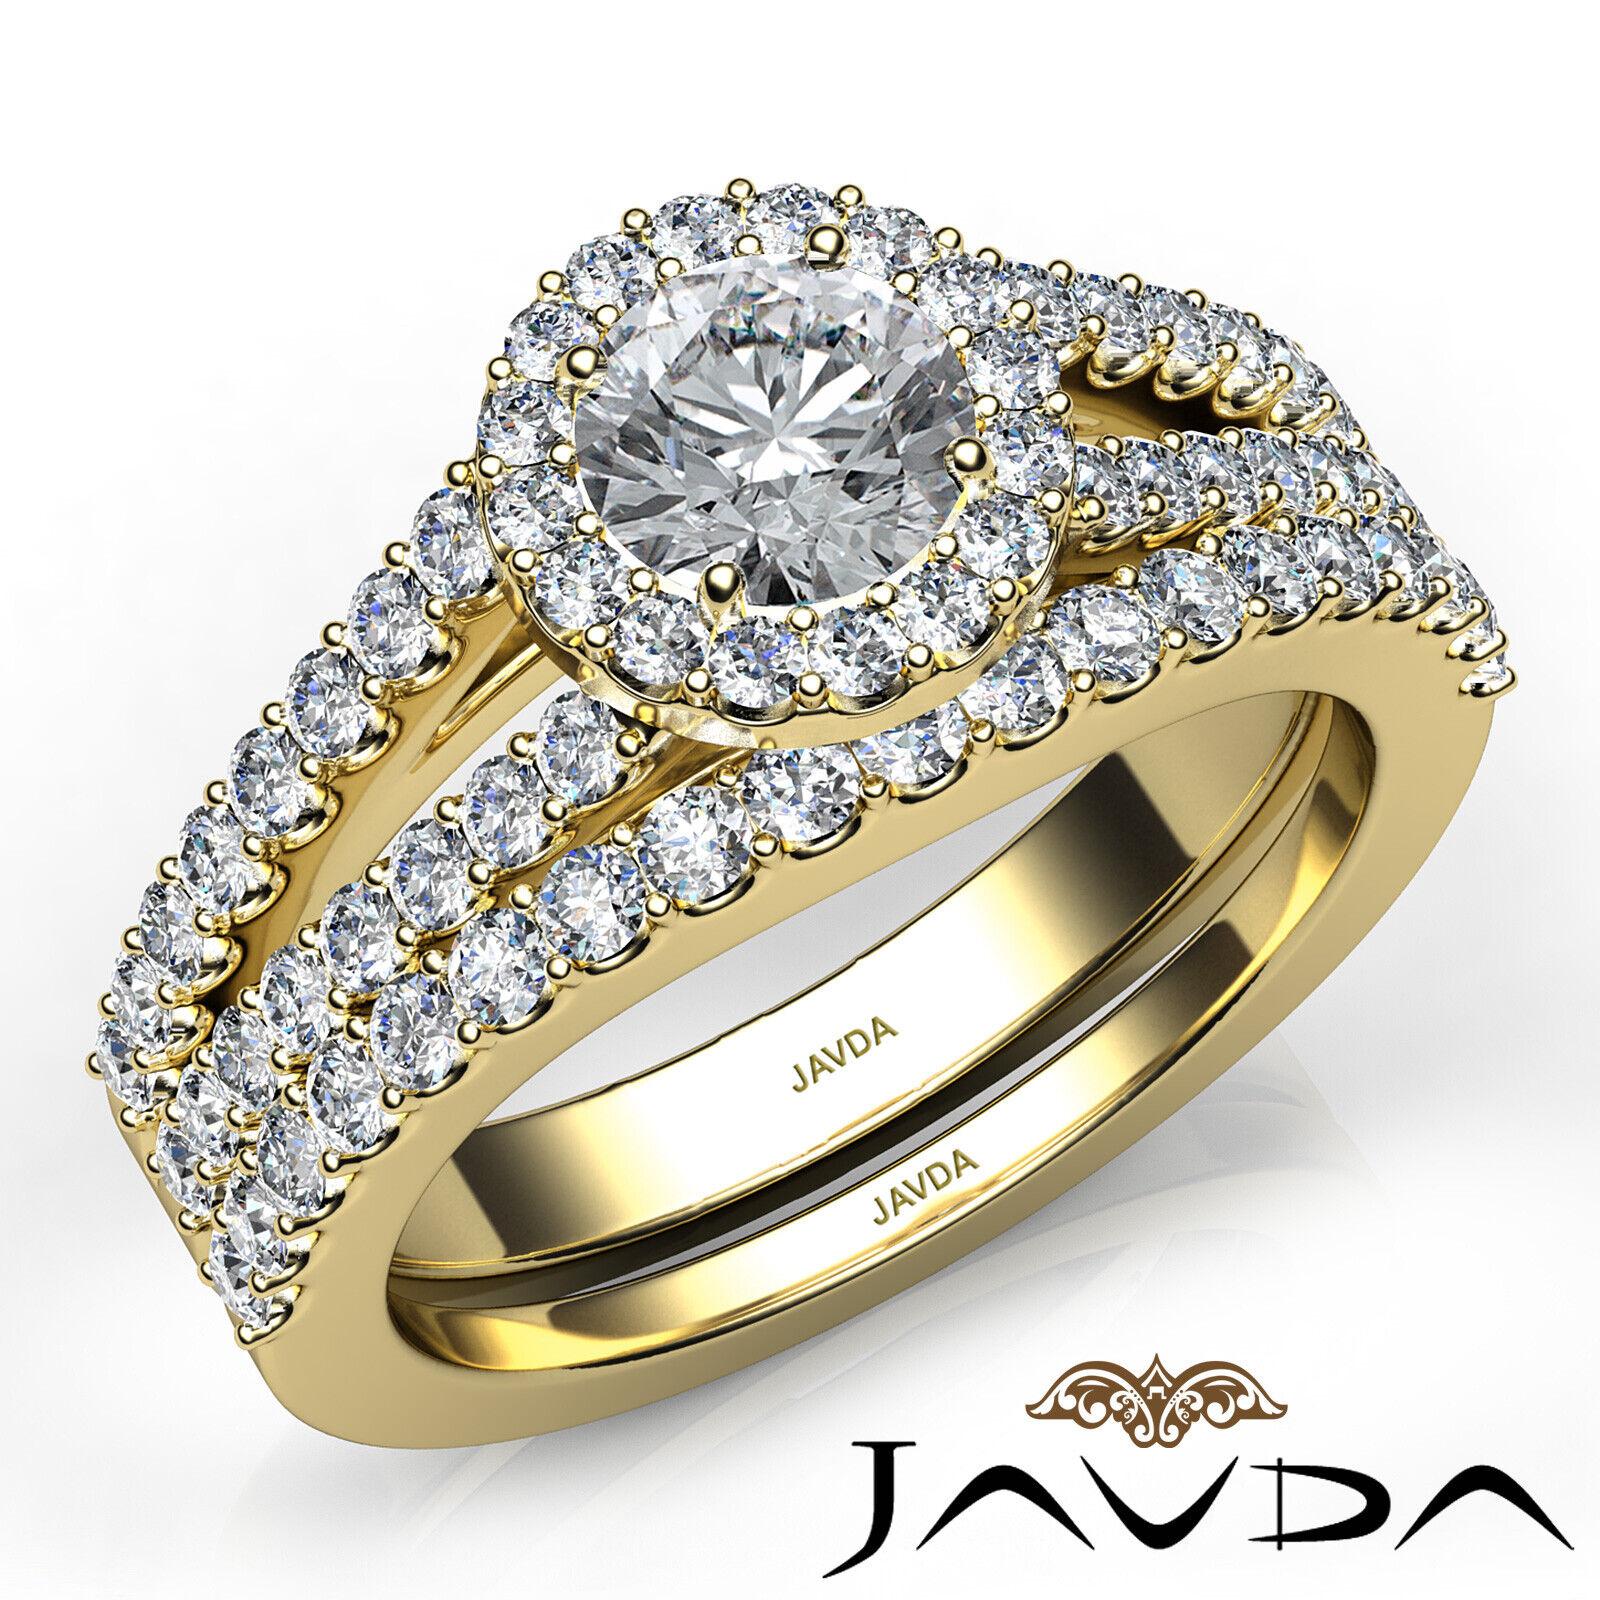 1.65ctw Luxurious Wedding Bridal Round Diamond Engagement Ring GIA E-VVS2 W Gold 9